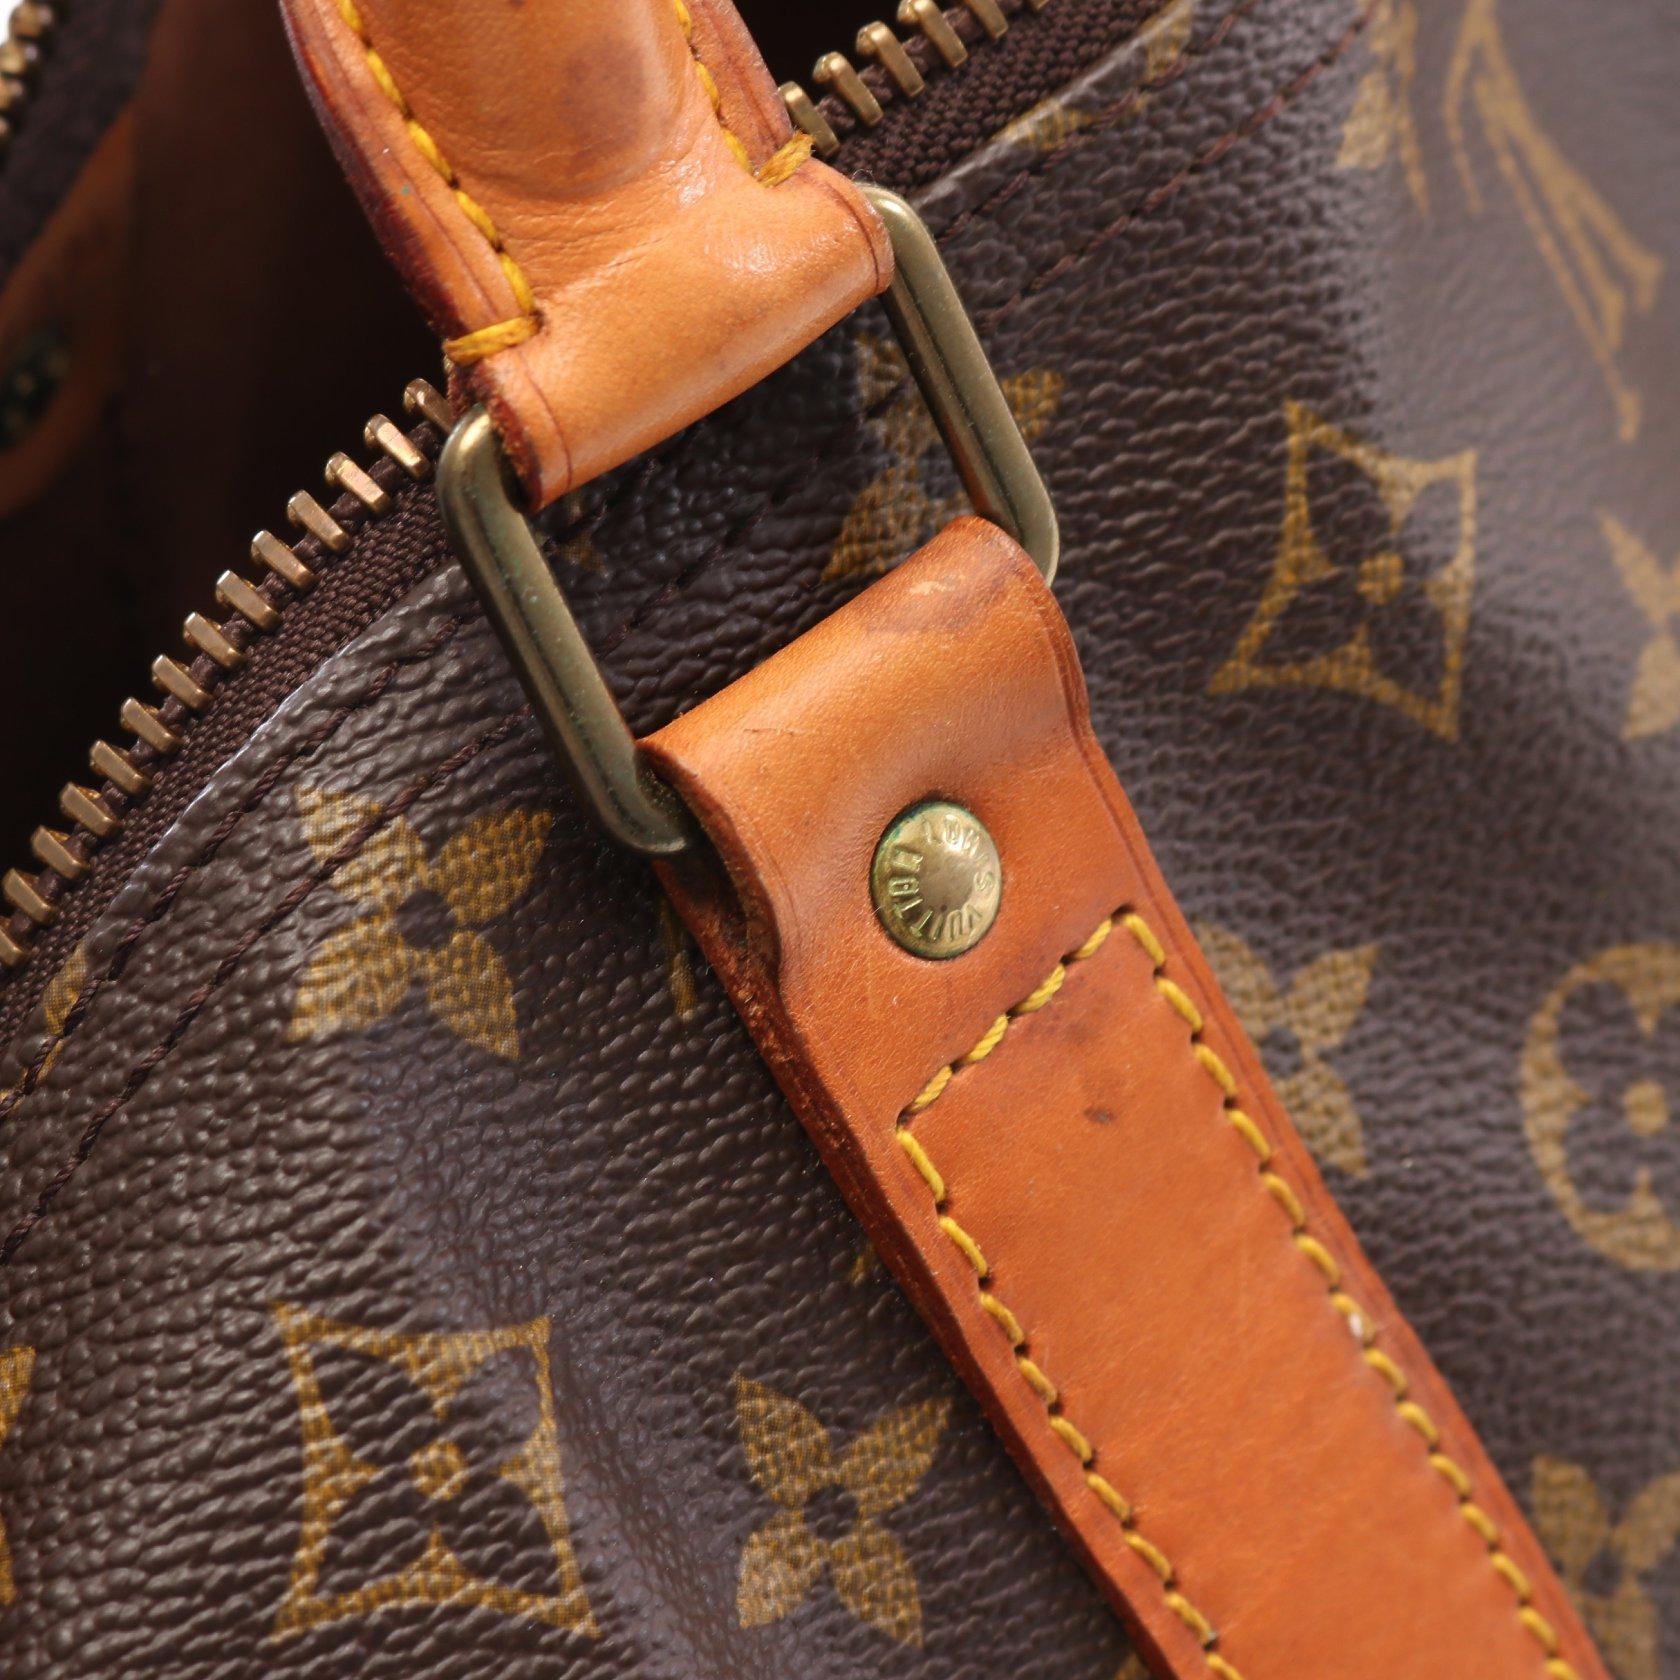 LOUIS VUITTON・バッグ・キーポル60 モノグラム ボストンバッグ PVC レザー ブラウン